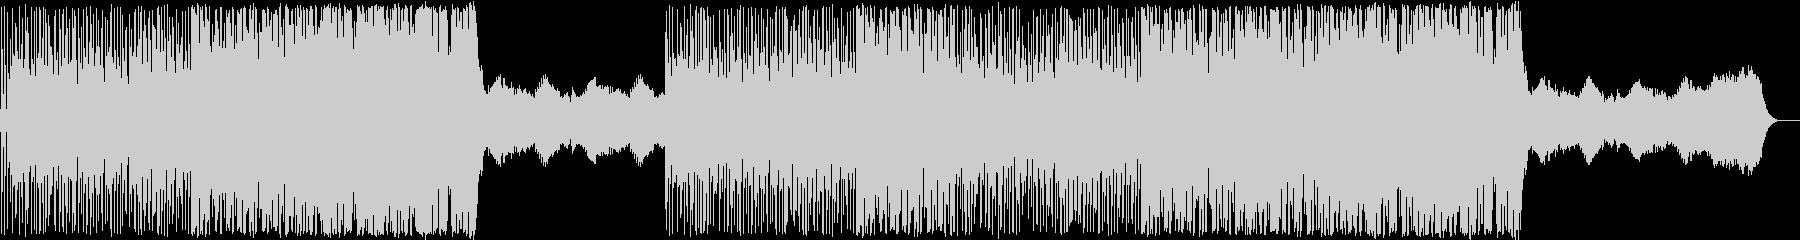 おまぬけな日常の曲ですの未再生の波形